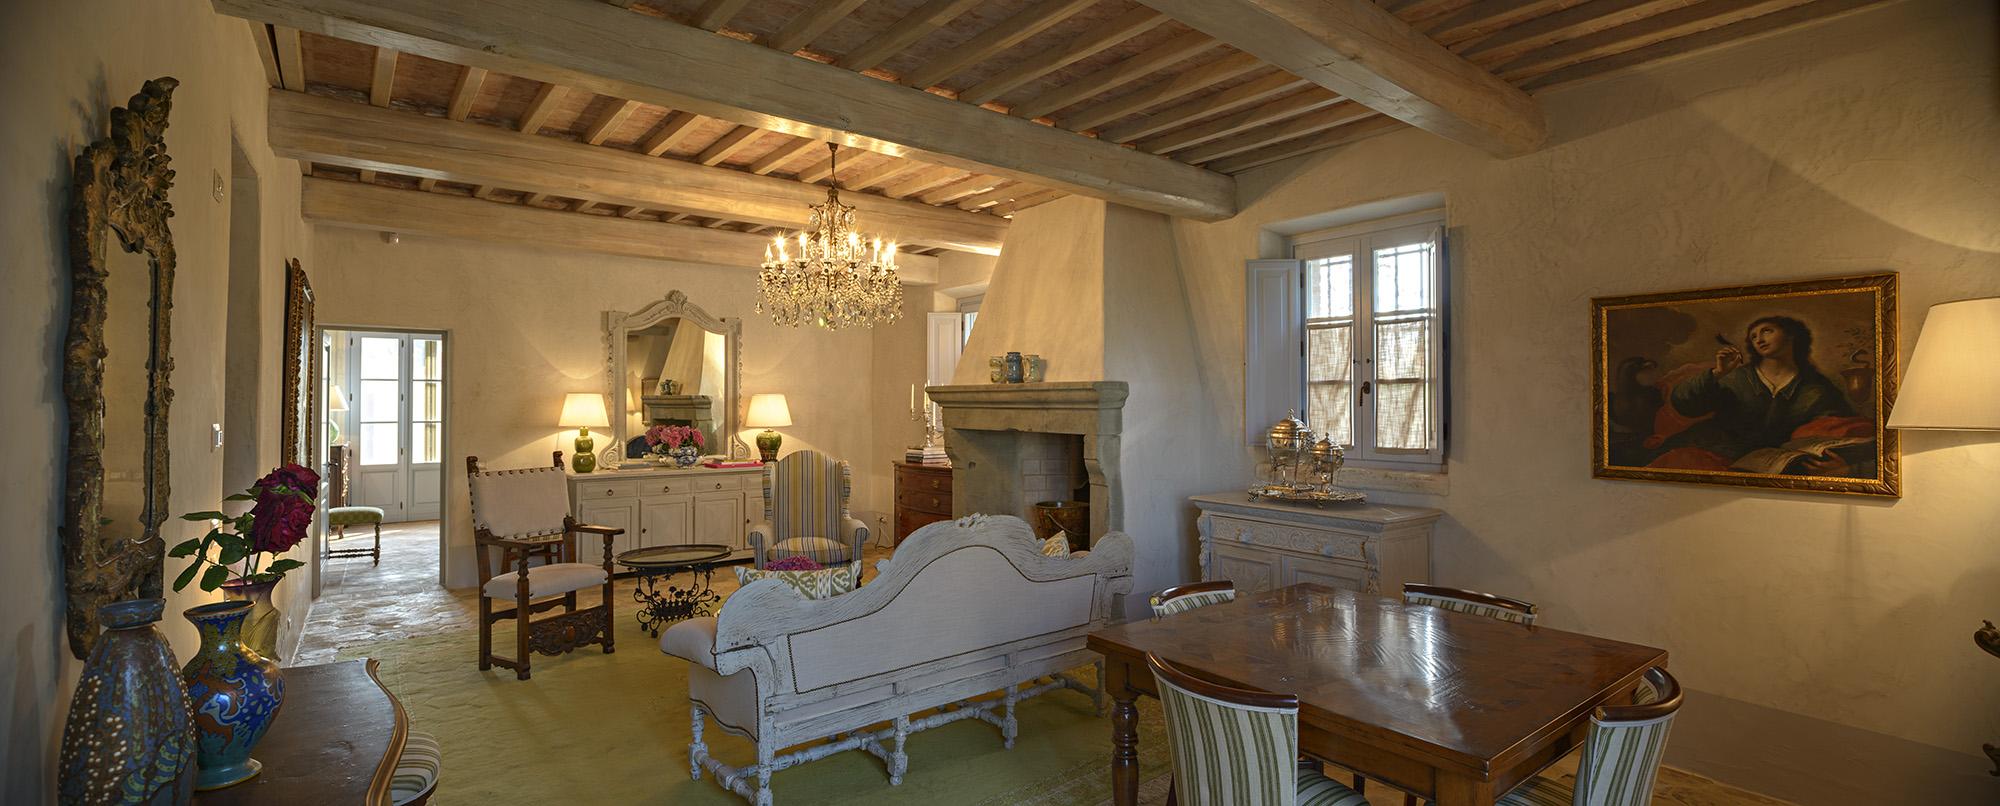 Arredamento casa di campagna grazie alla grande la for Case antiche arredamento